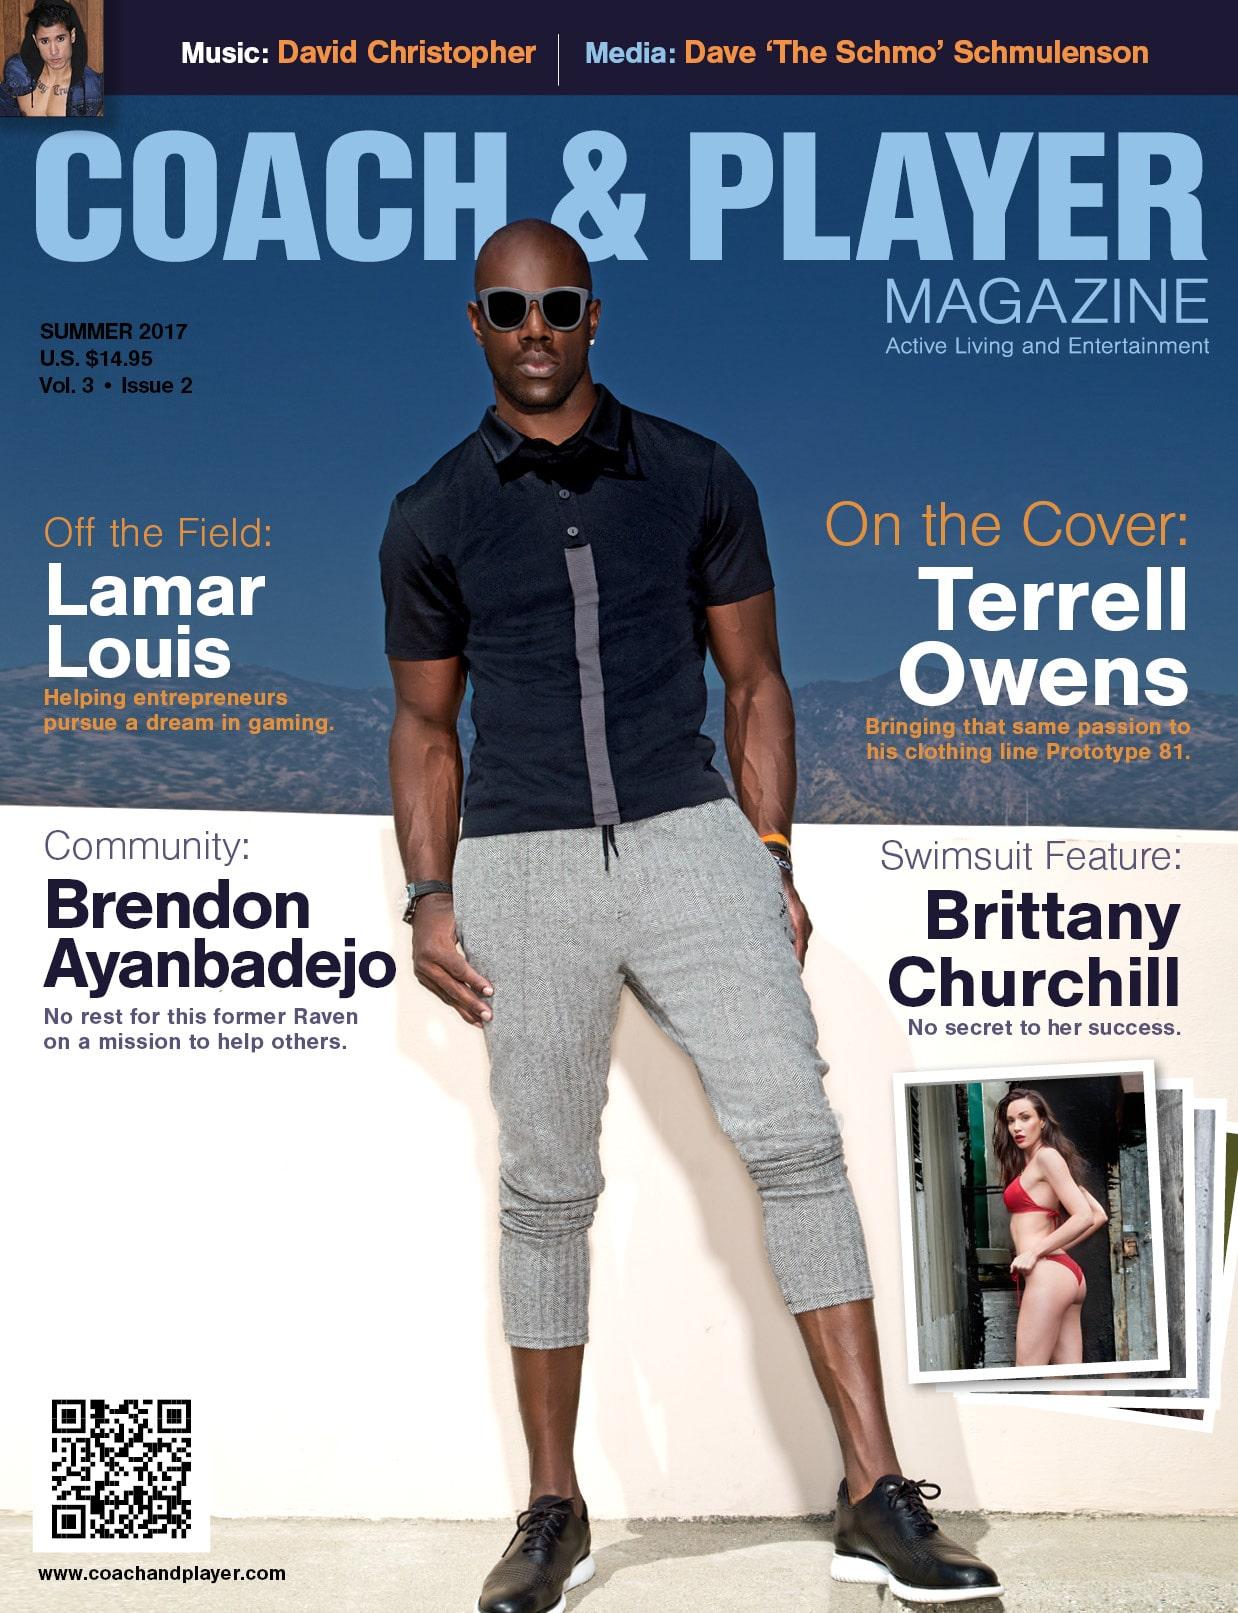 Coach & Player Magazine – Summer 2017